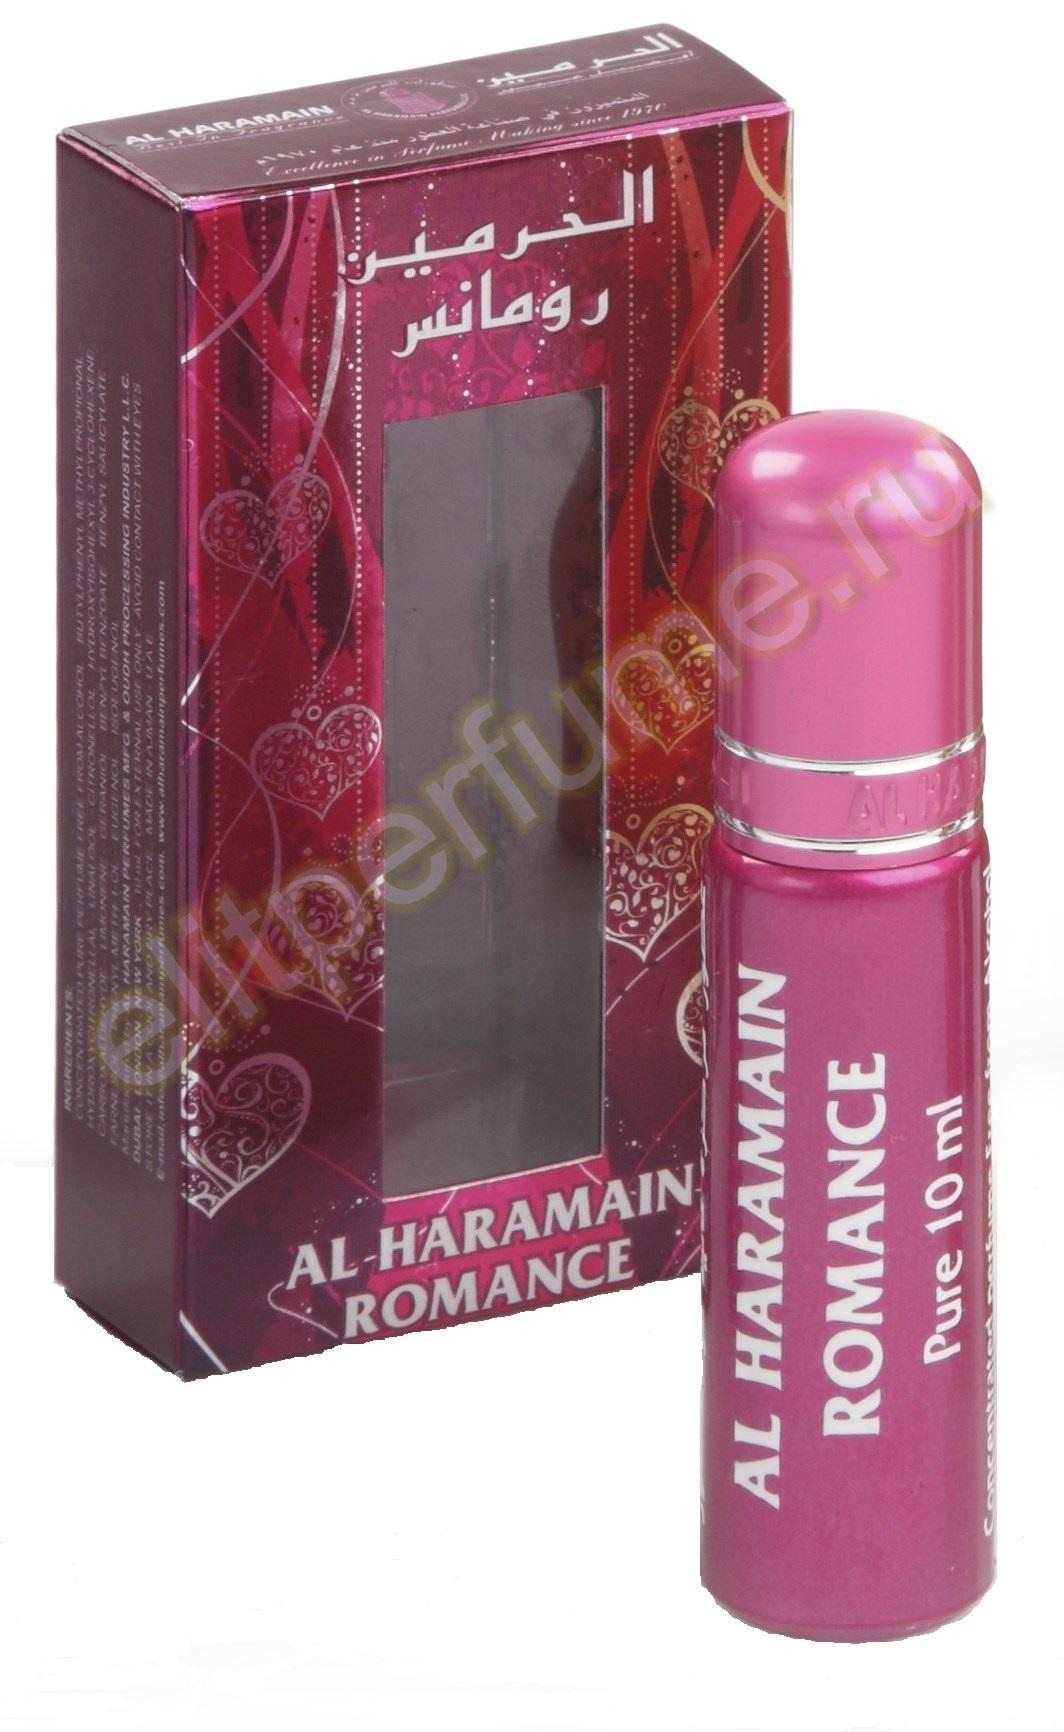 Аль-Харамайн Романтика Al Haramain Romance 10мл арабские масляные духи от Аль Харамайн Al Haramain Perfumes